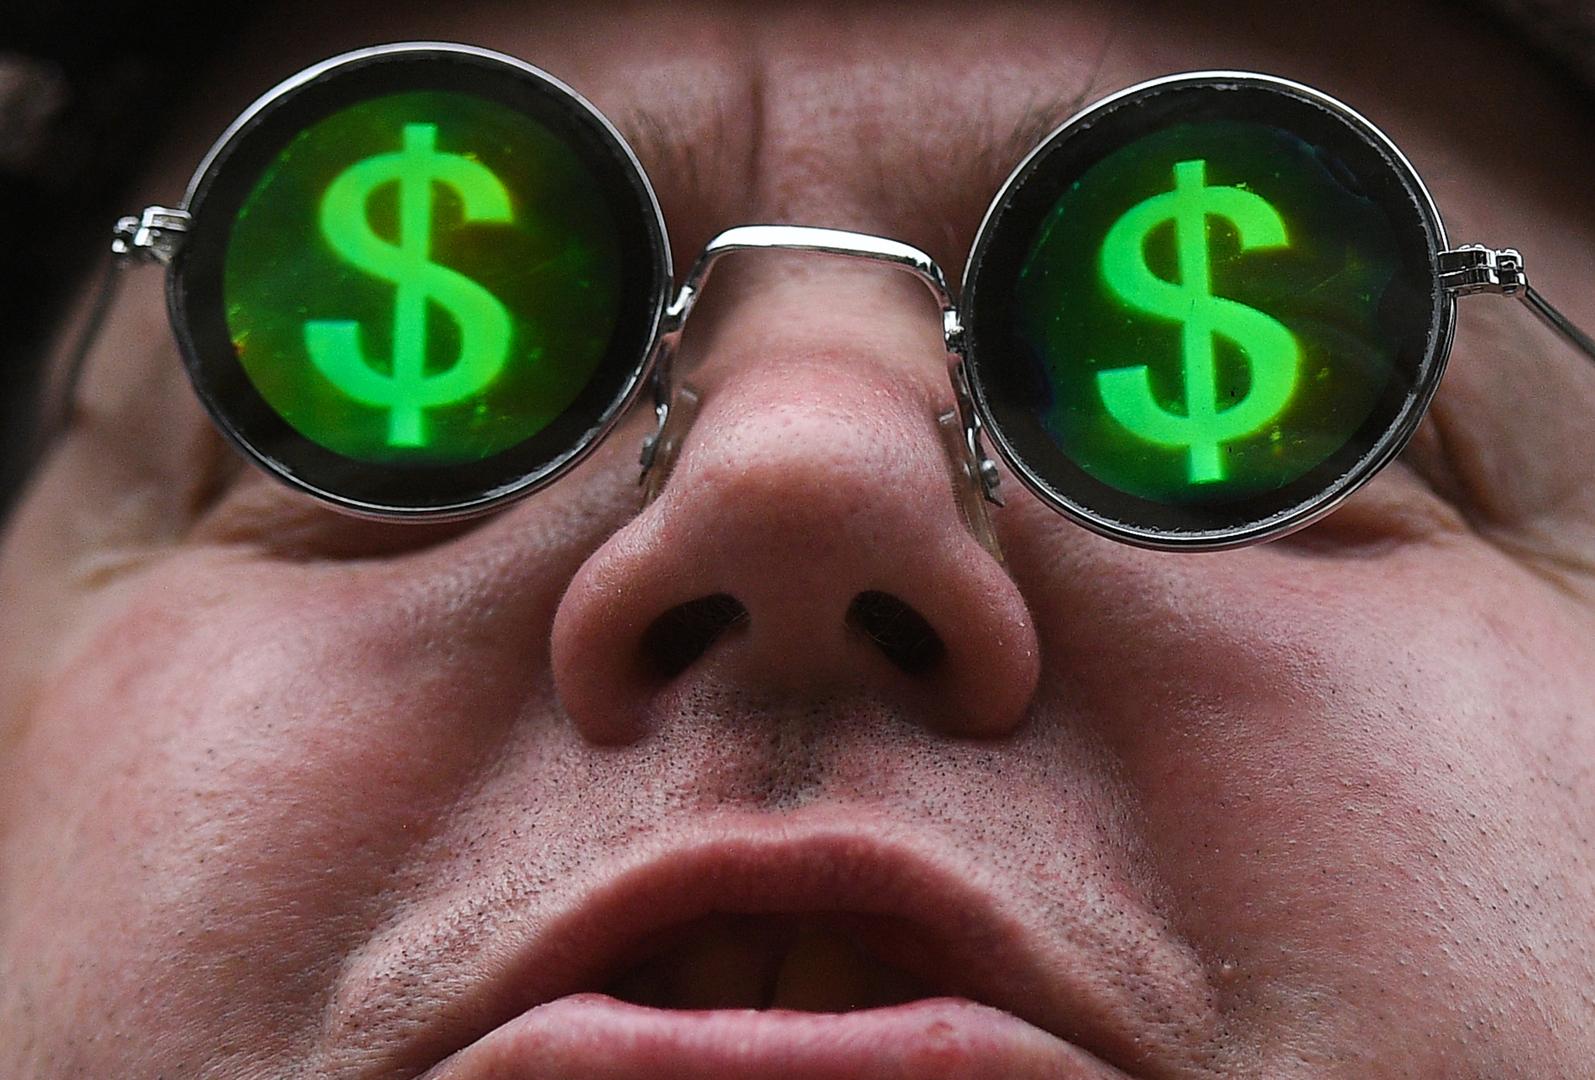 الروبل الروسي يصعد أمام الدولار واليورو